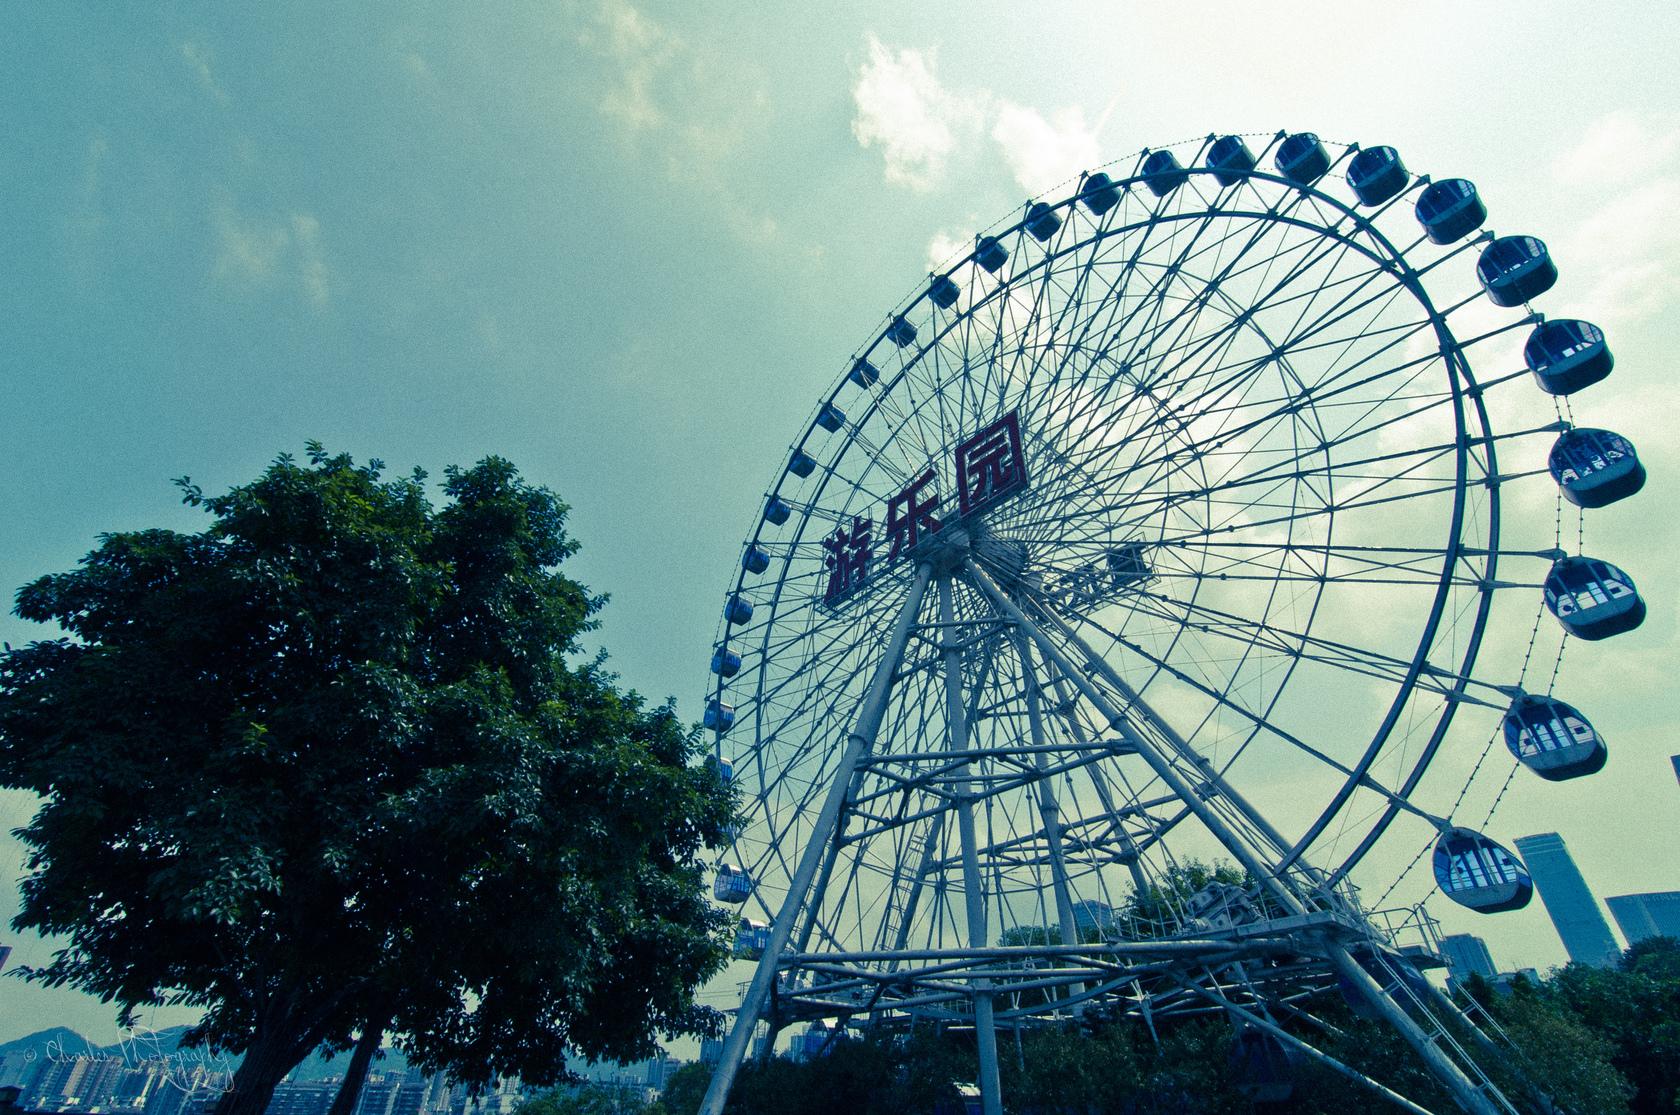 重庆游乐园始建于1991年,总投资近1亿人民币,拥有近30个先进的游乐图片